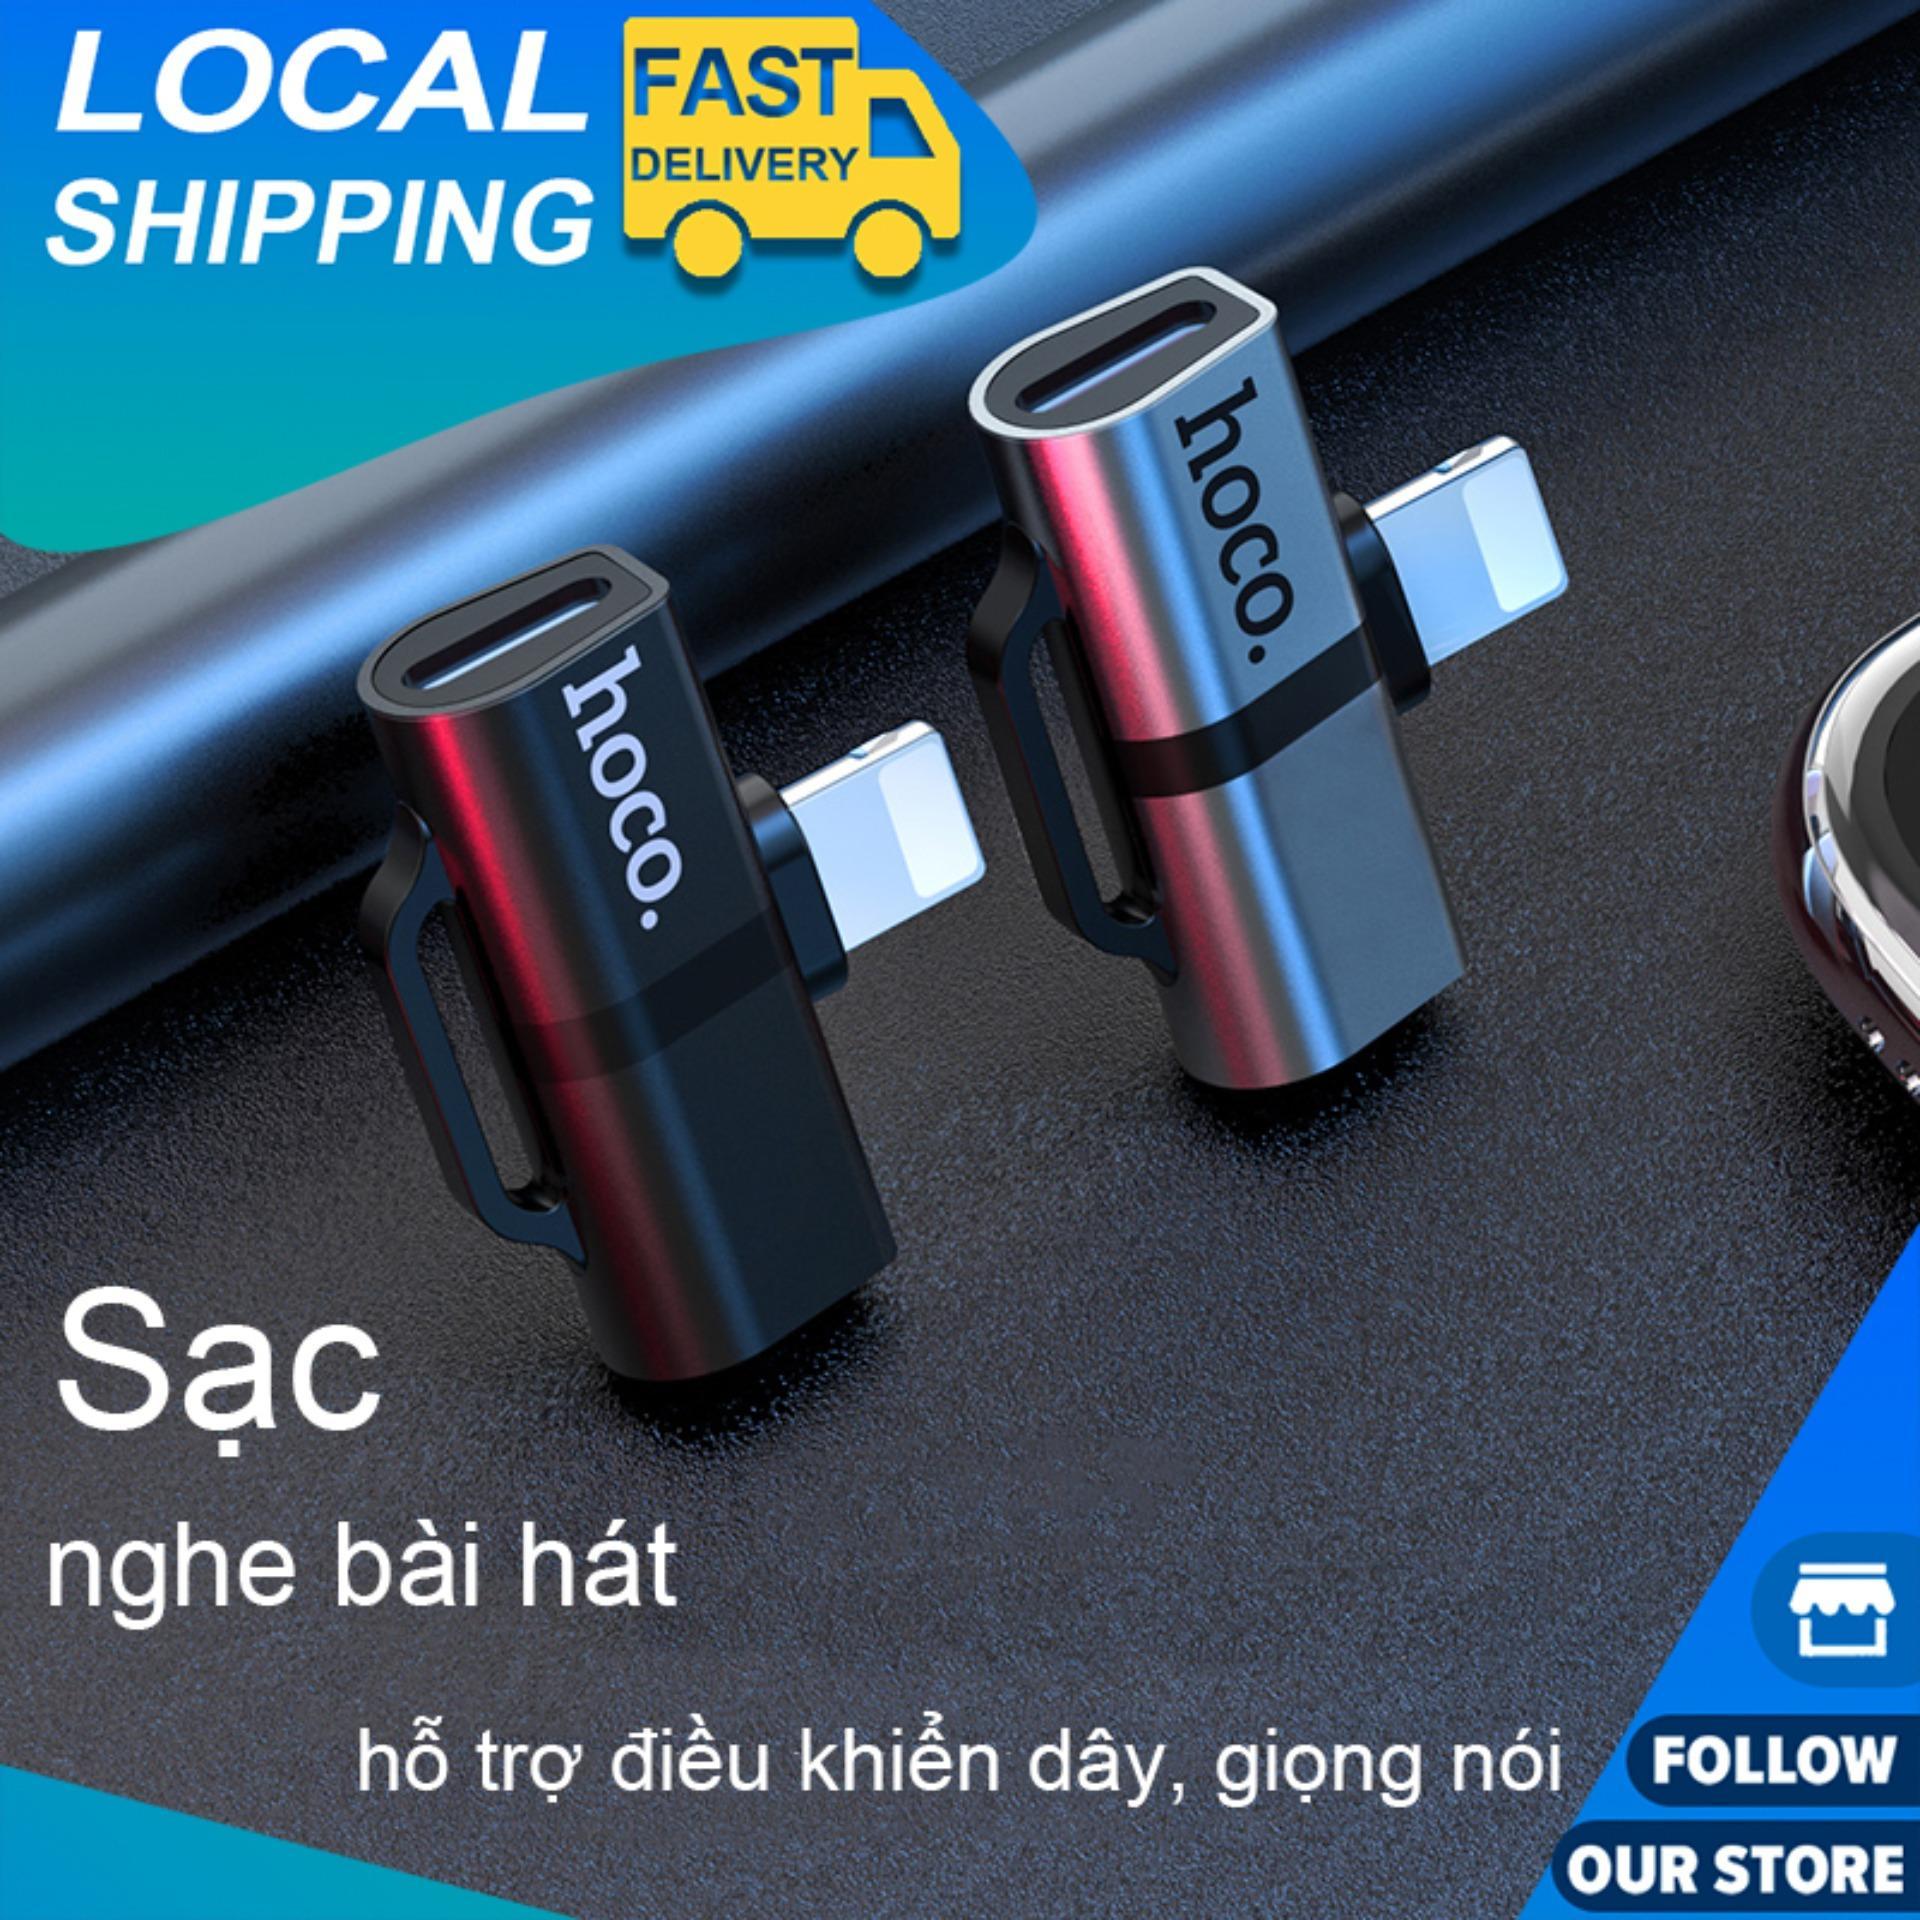 Hoco LS20 Jack Chuyển Đổi Cho Tai Nghe + Sạc Điện Thoại 2 Cổng Lightning Cho IPhone7/8/Plus/X/XS/MAX